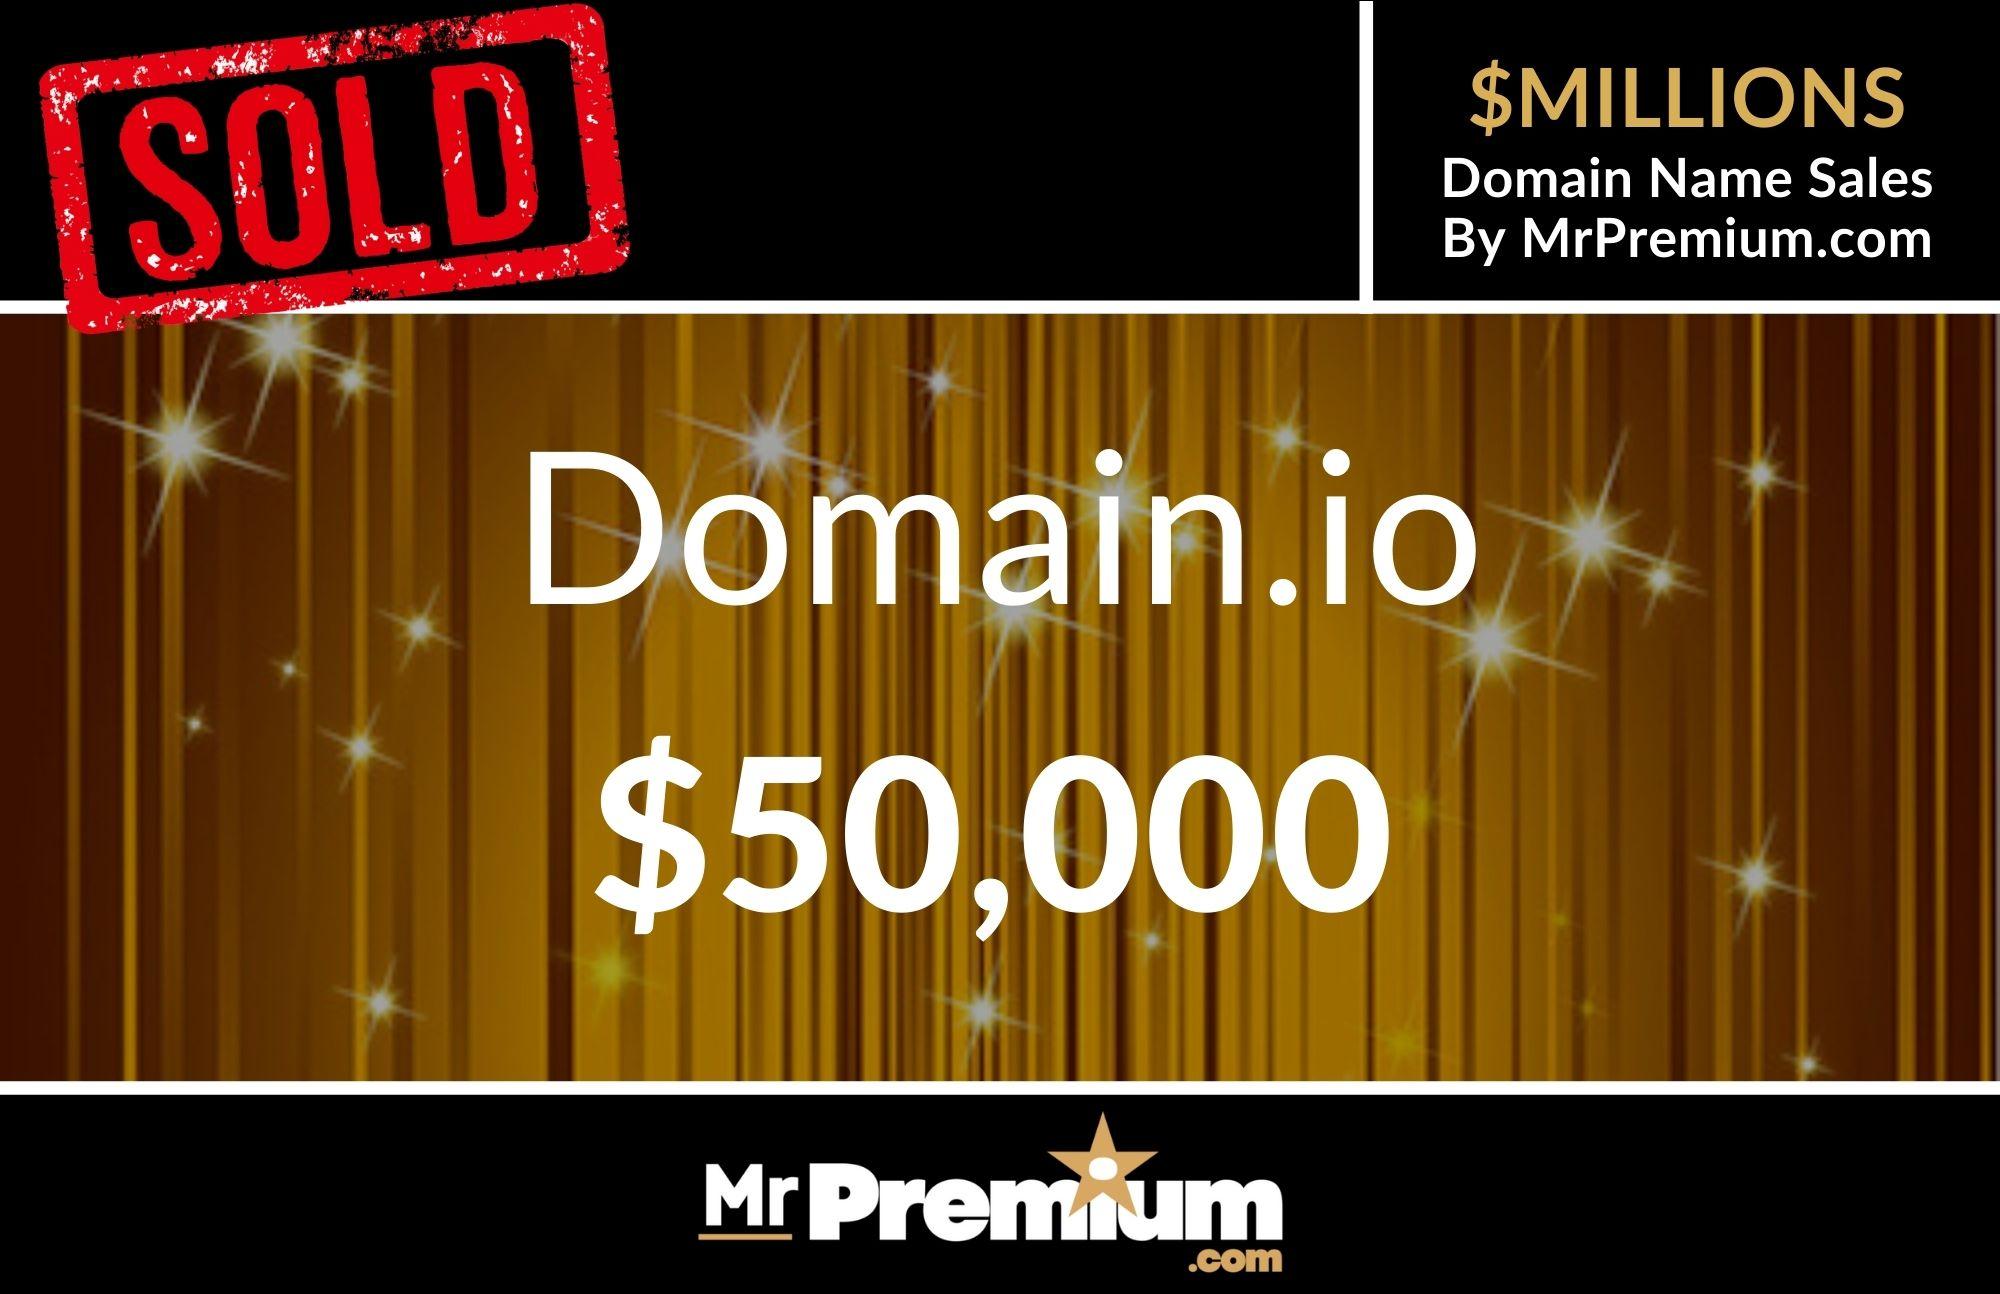 iO domains – MrPremium.com